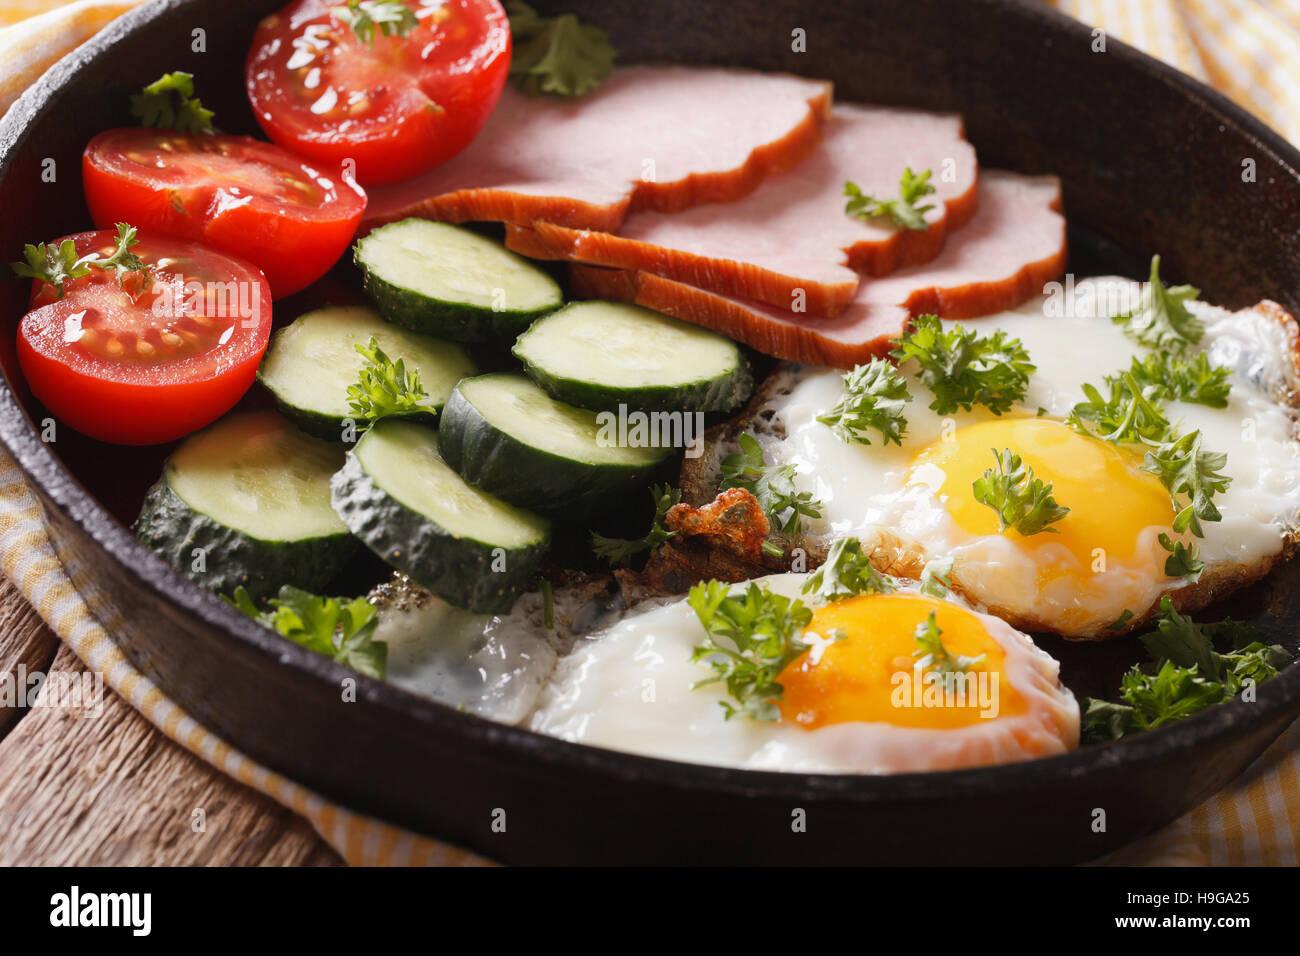 Colazione casalinga: uova fritte con prosciutto e verdure fresche in una padella di close-up. Posizione orizzontale Immagini Stock